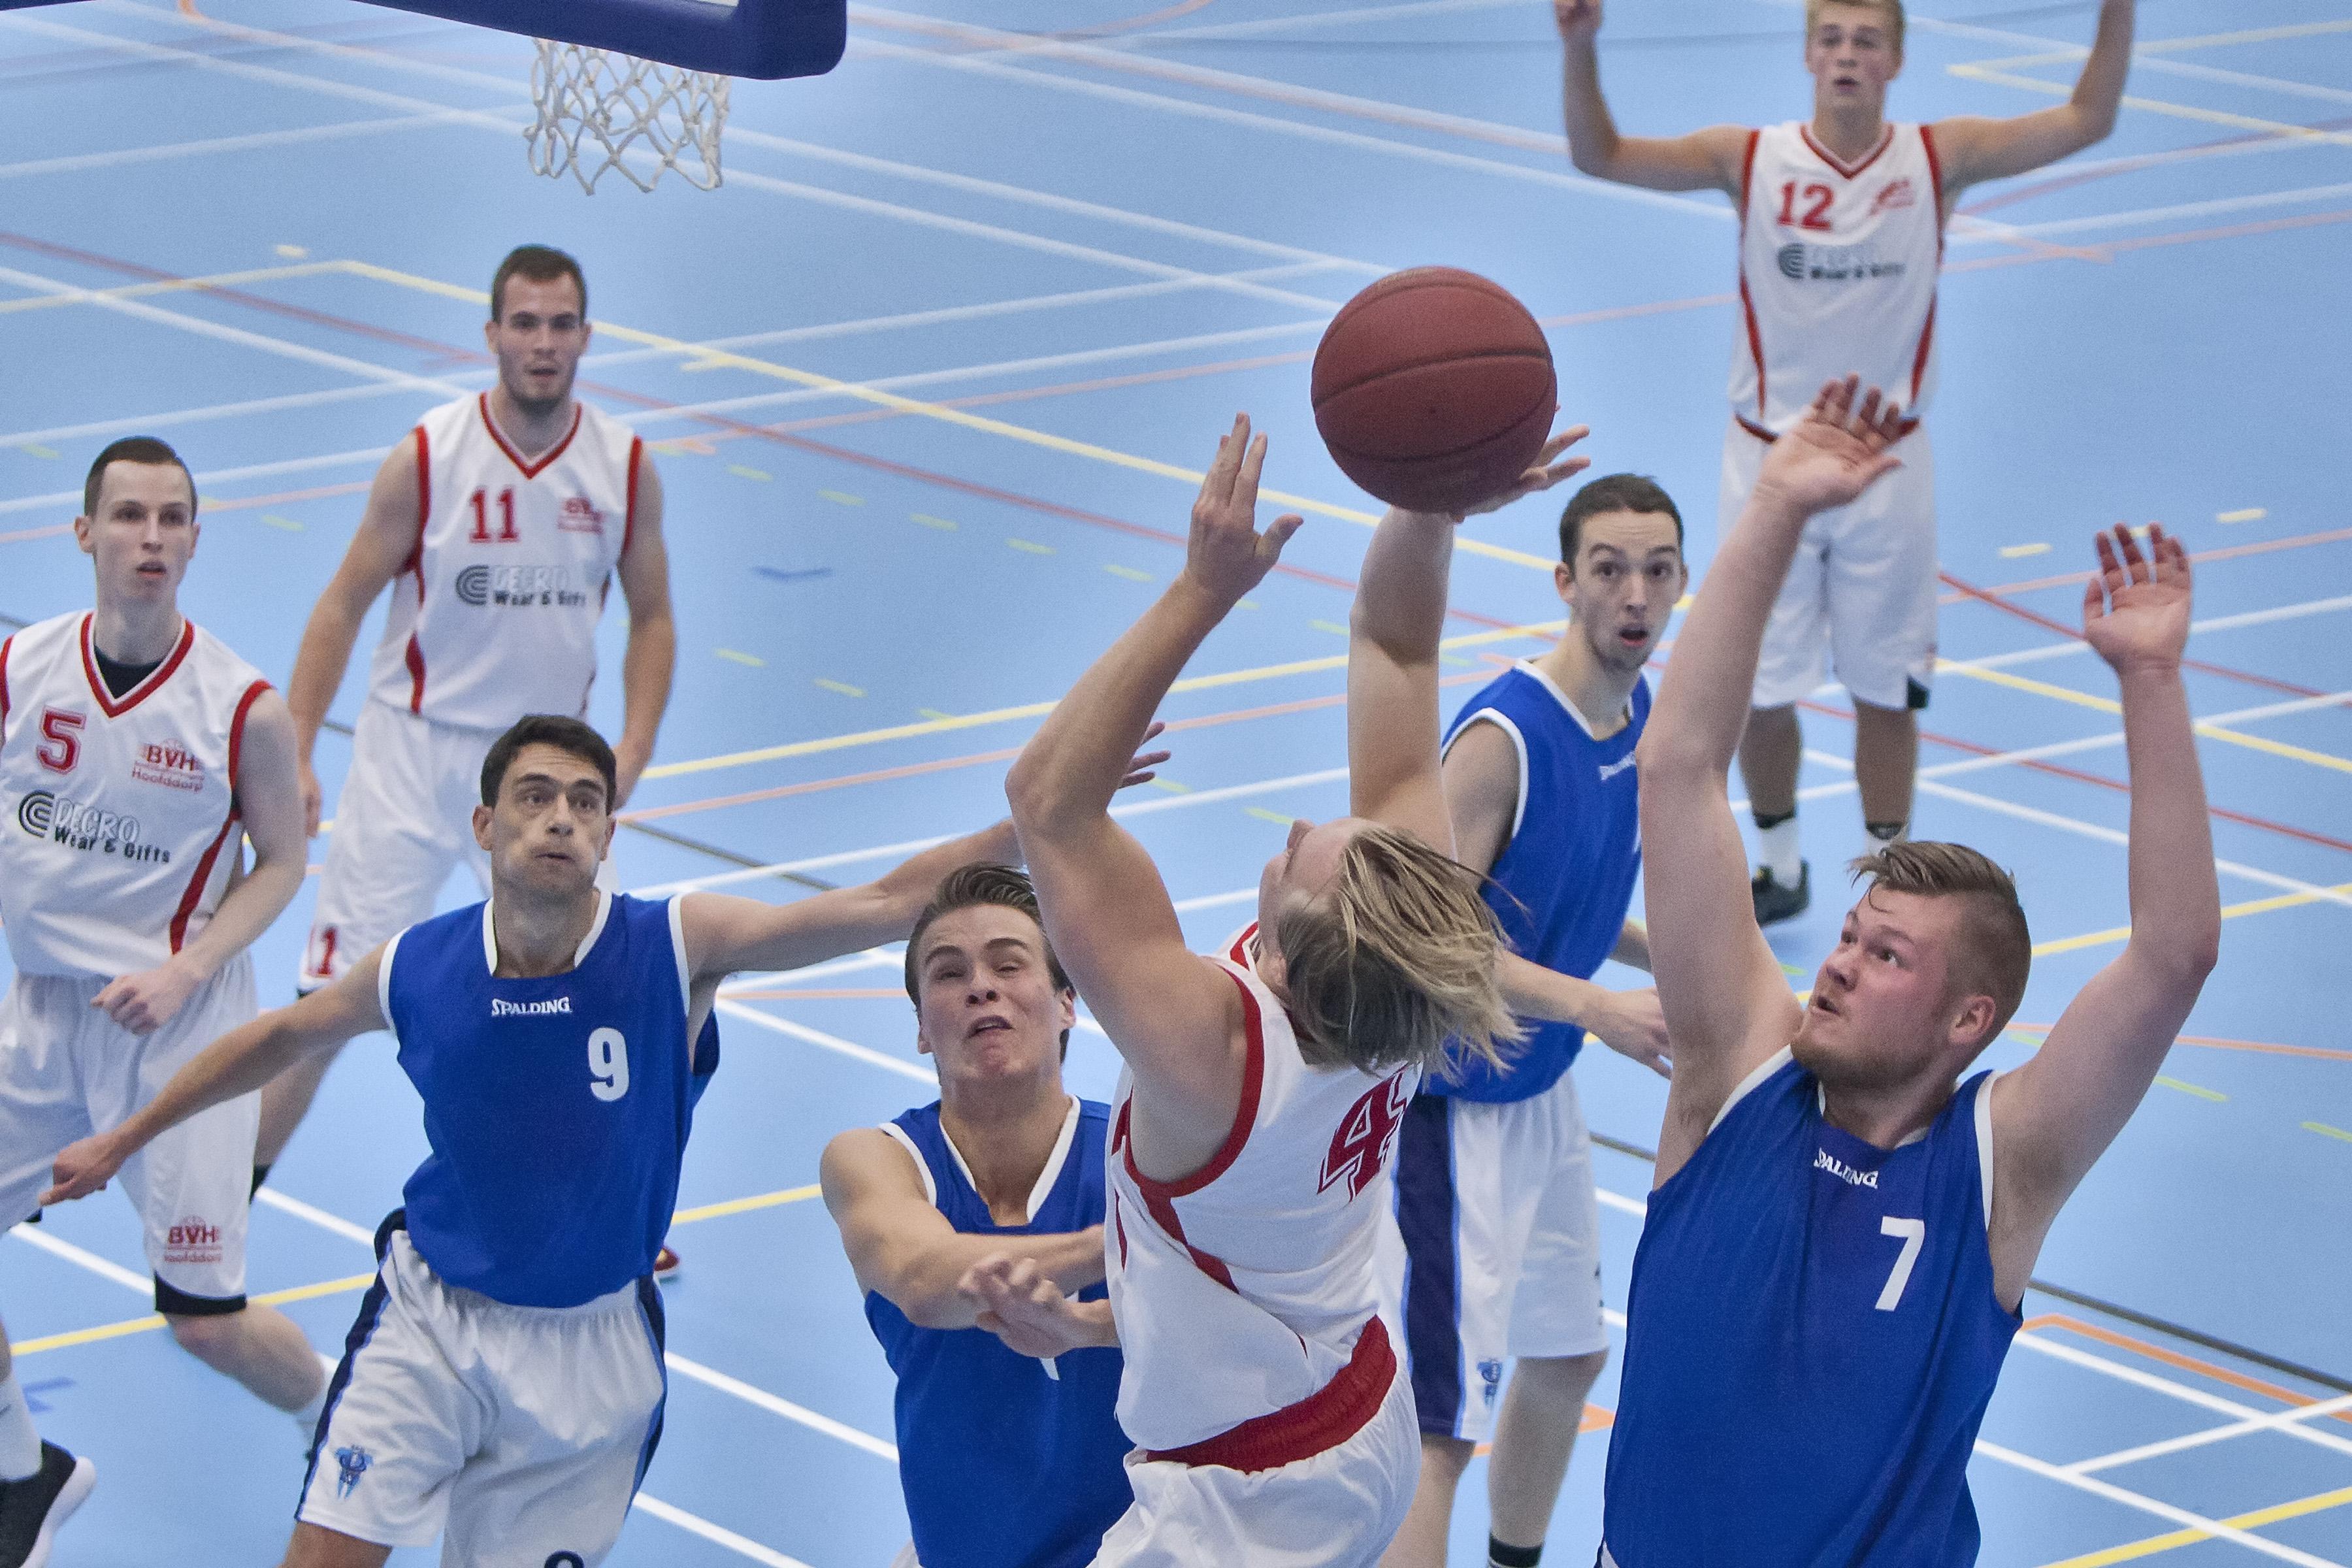 Goede start voor basketballers Hoofddorp